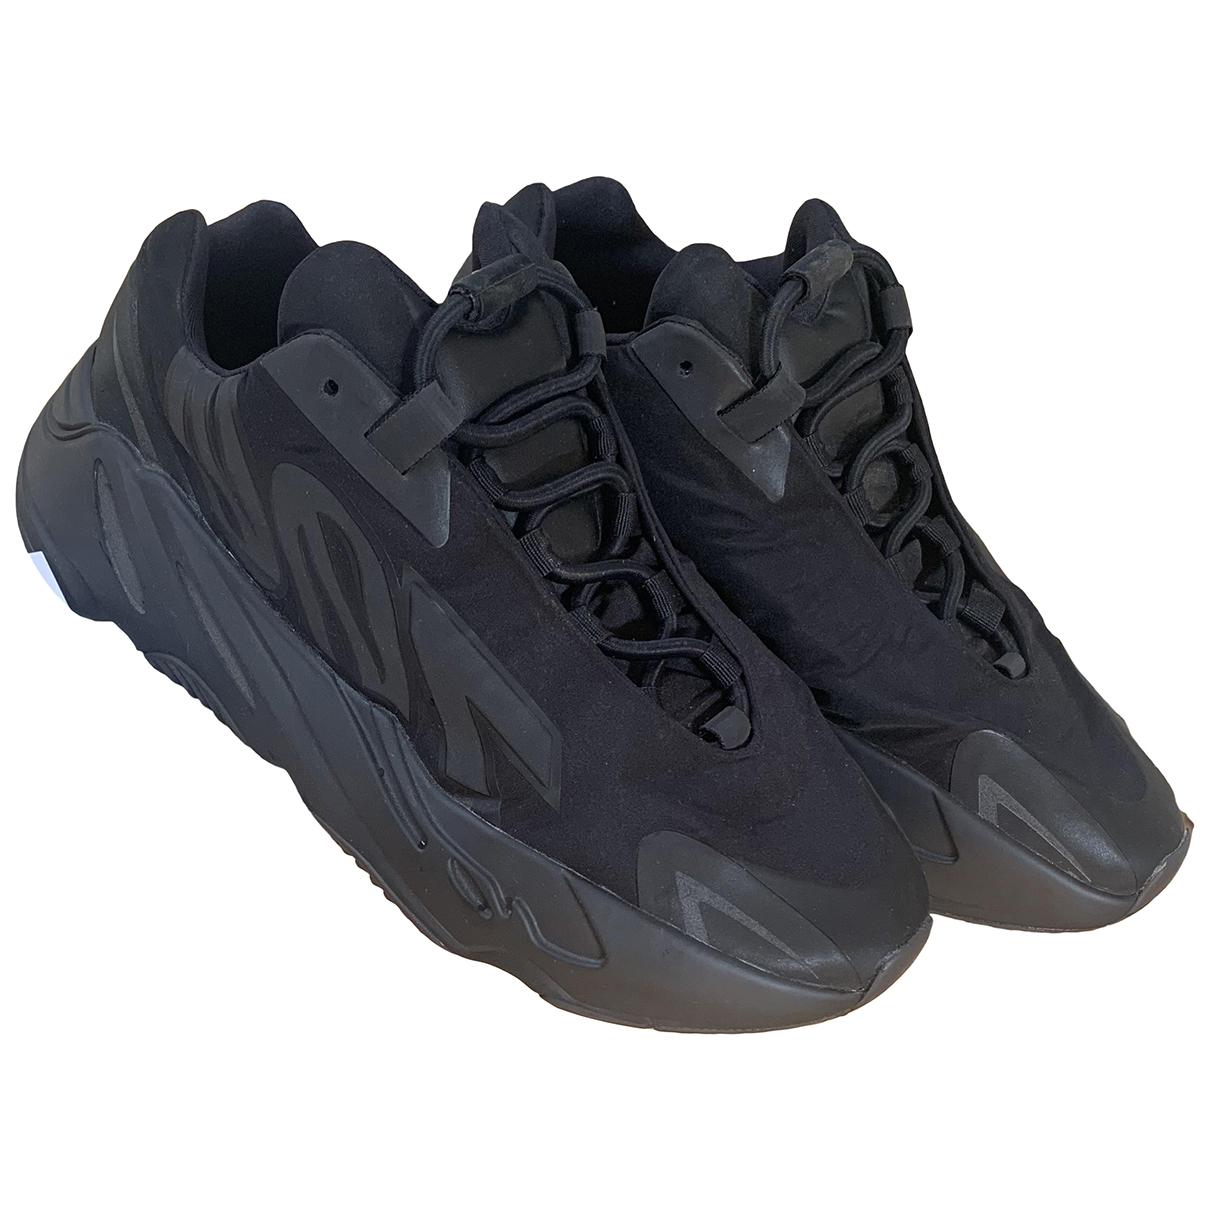 Yeezy X Adidas - Baskets 700 MNVN PHOSPHOR pour homme en toile - noir